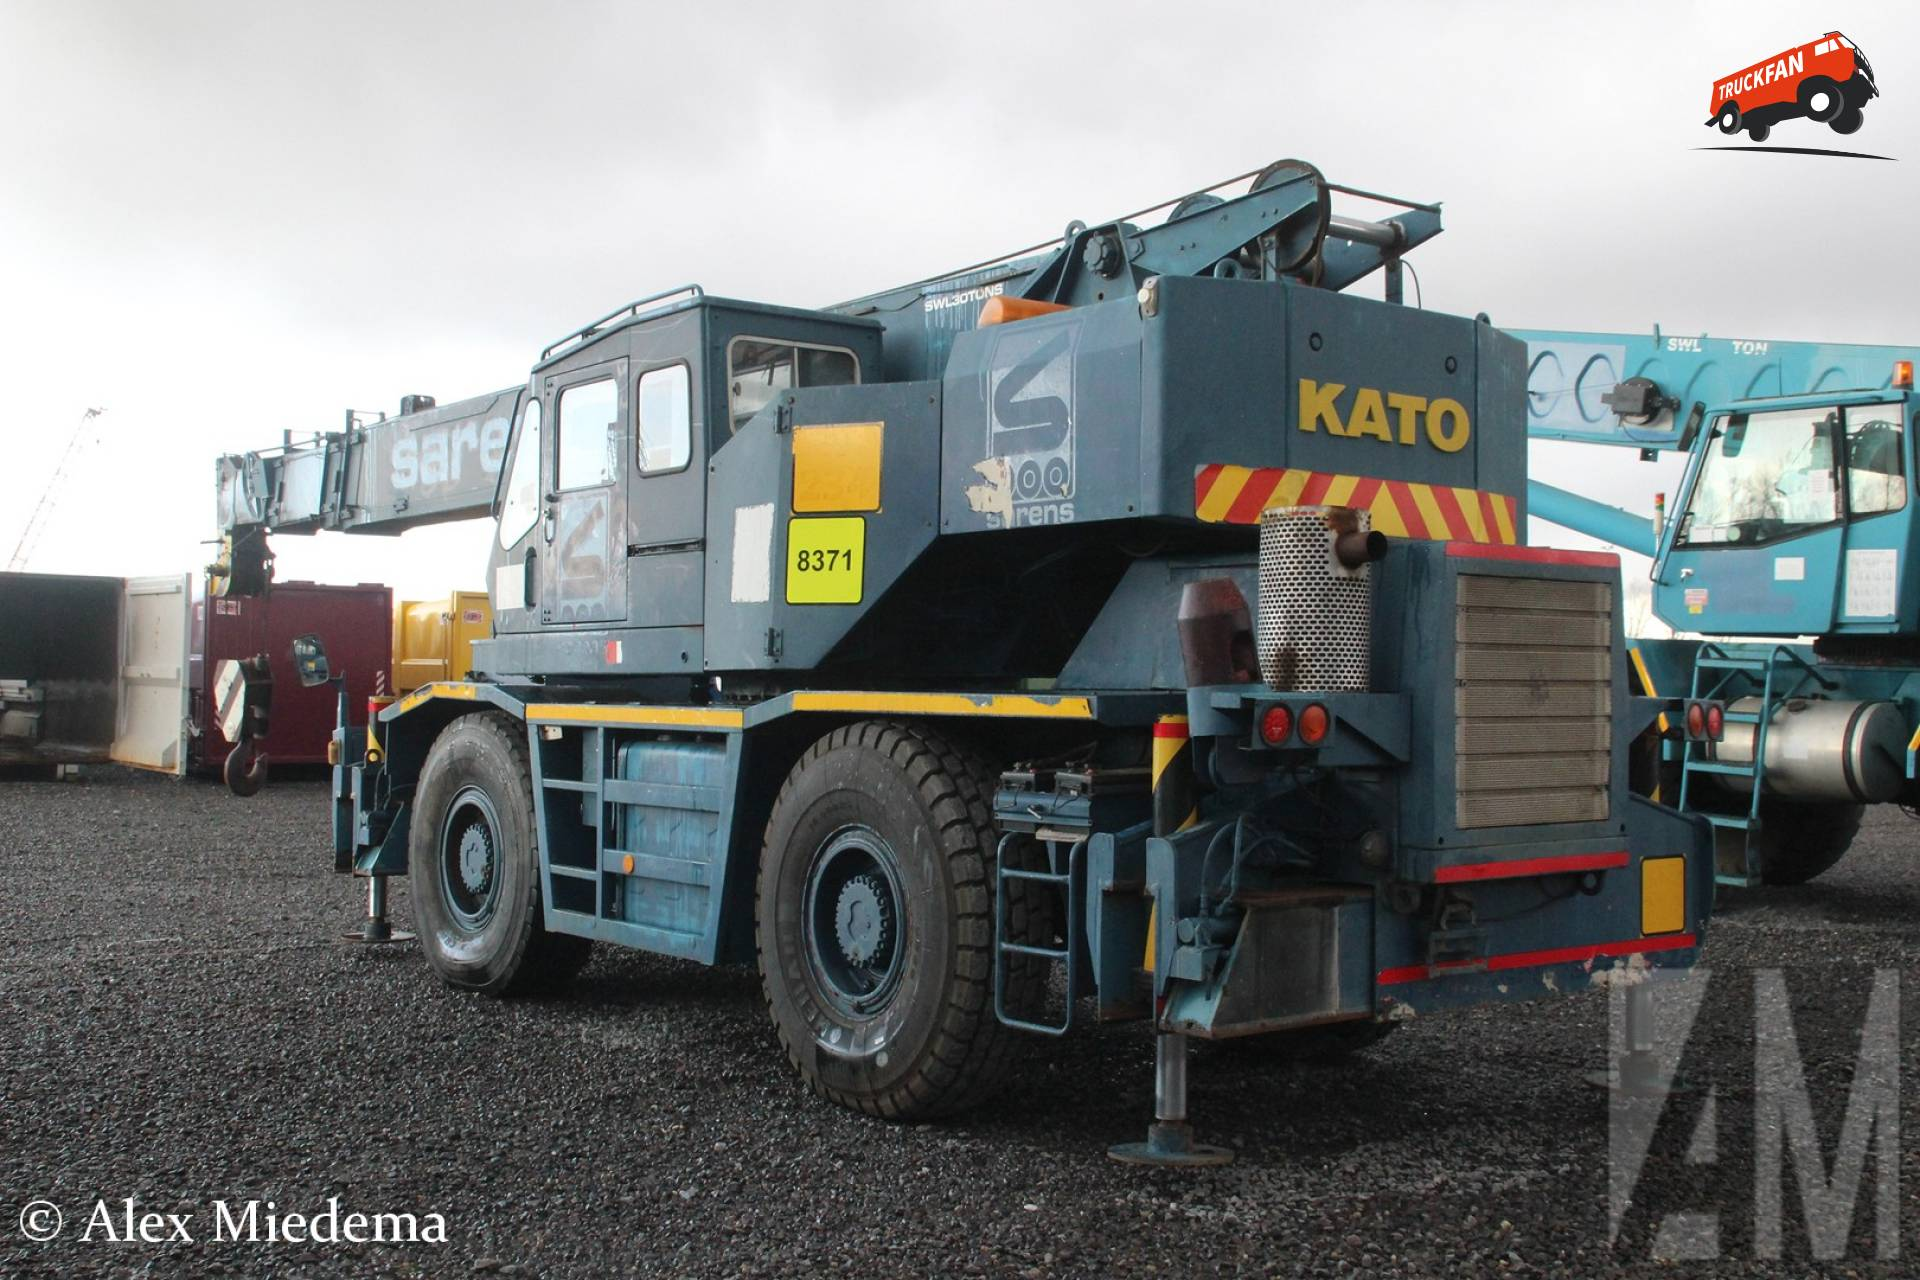 Kato KR-300